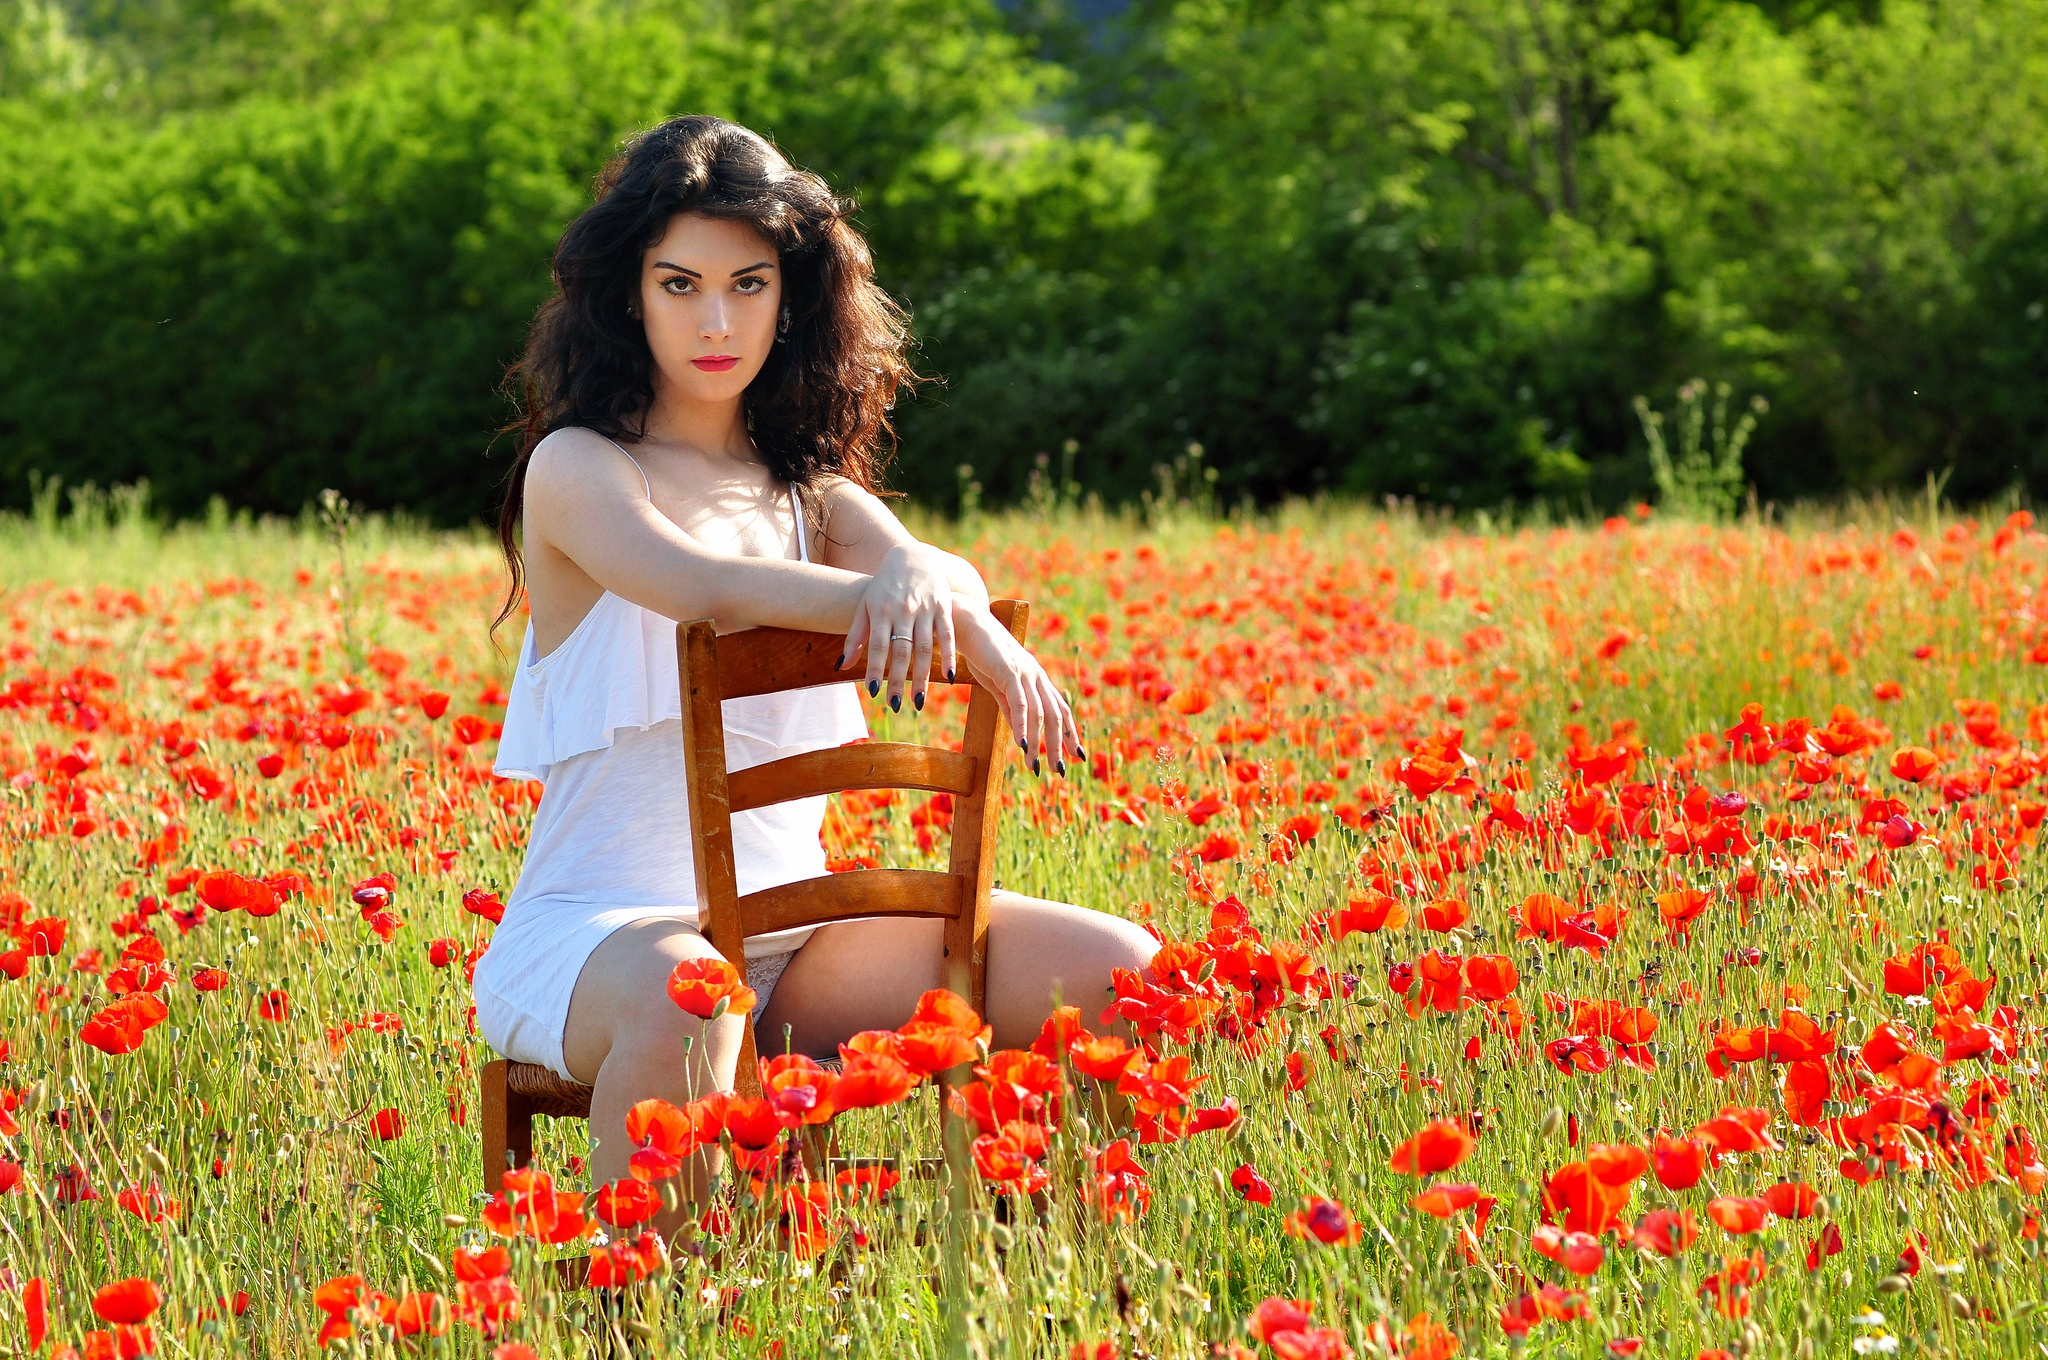 Девушка на поле с цветами фото